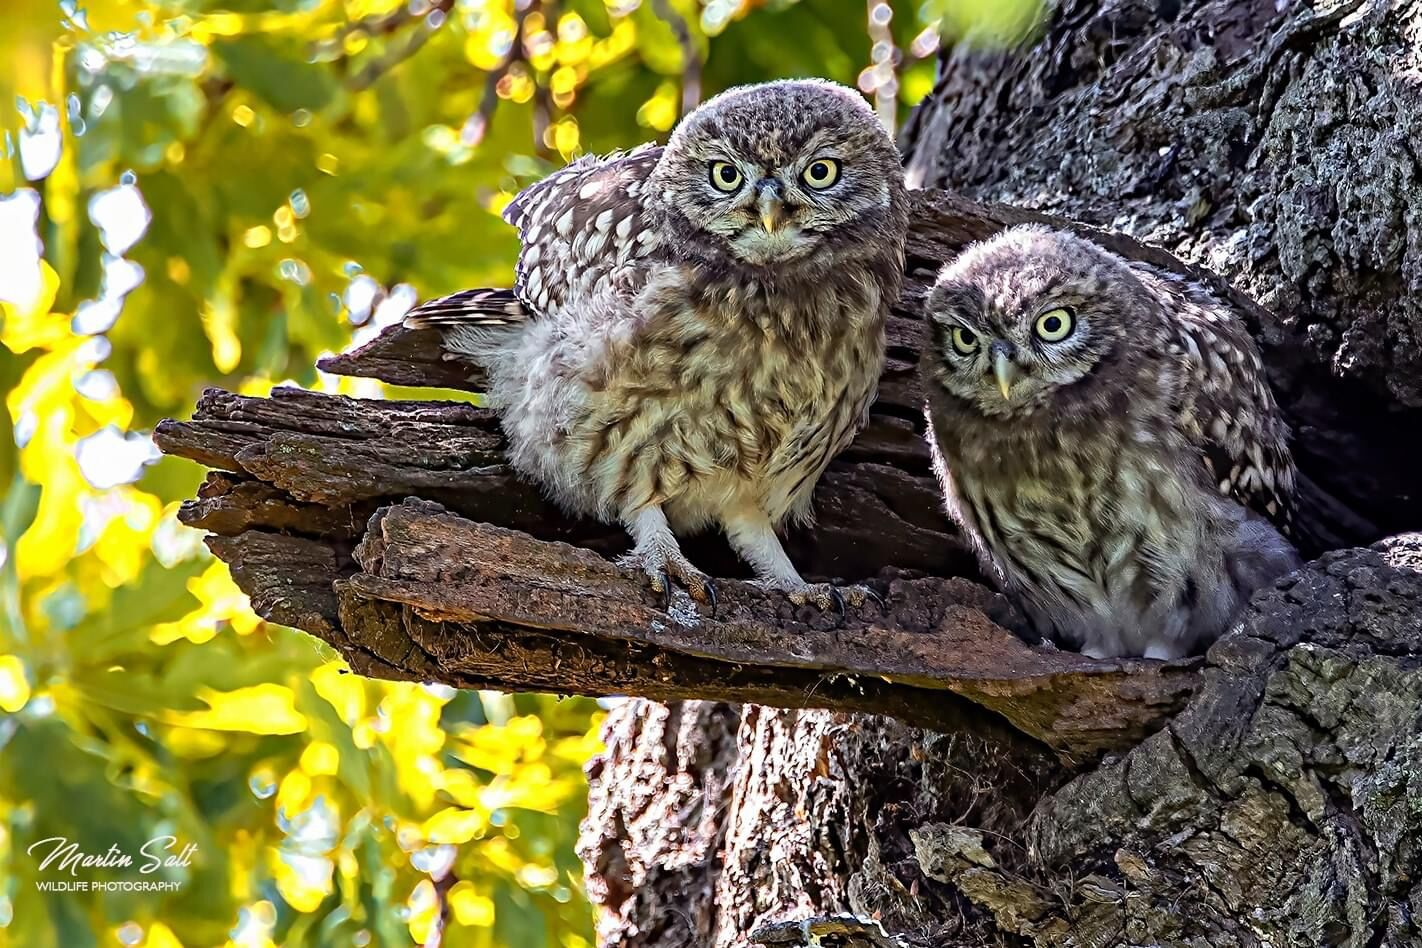 Little Owl owlets